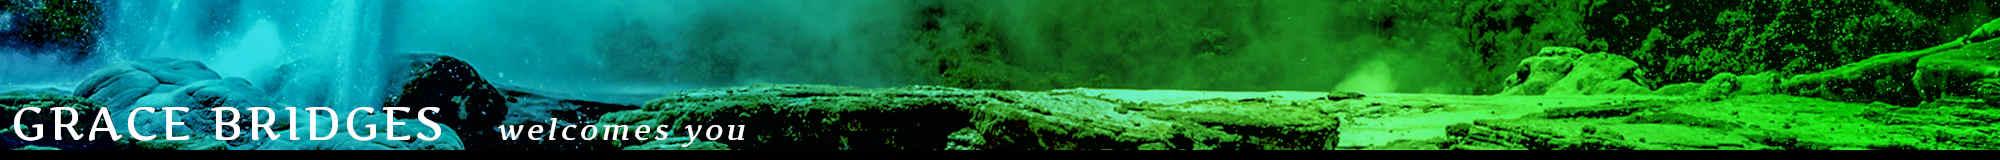 Grace           Bridges welcomes you (page header image of a geyser           landscape)